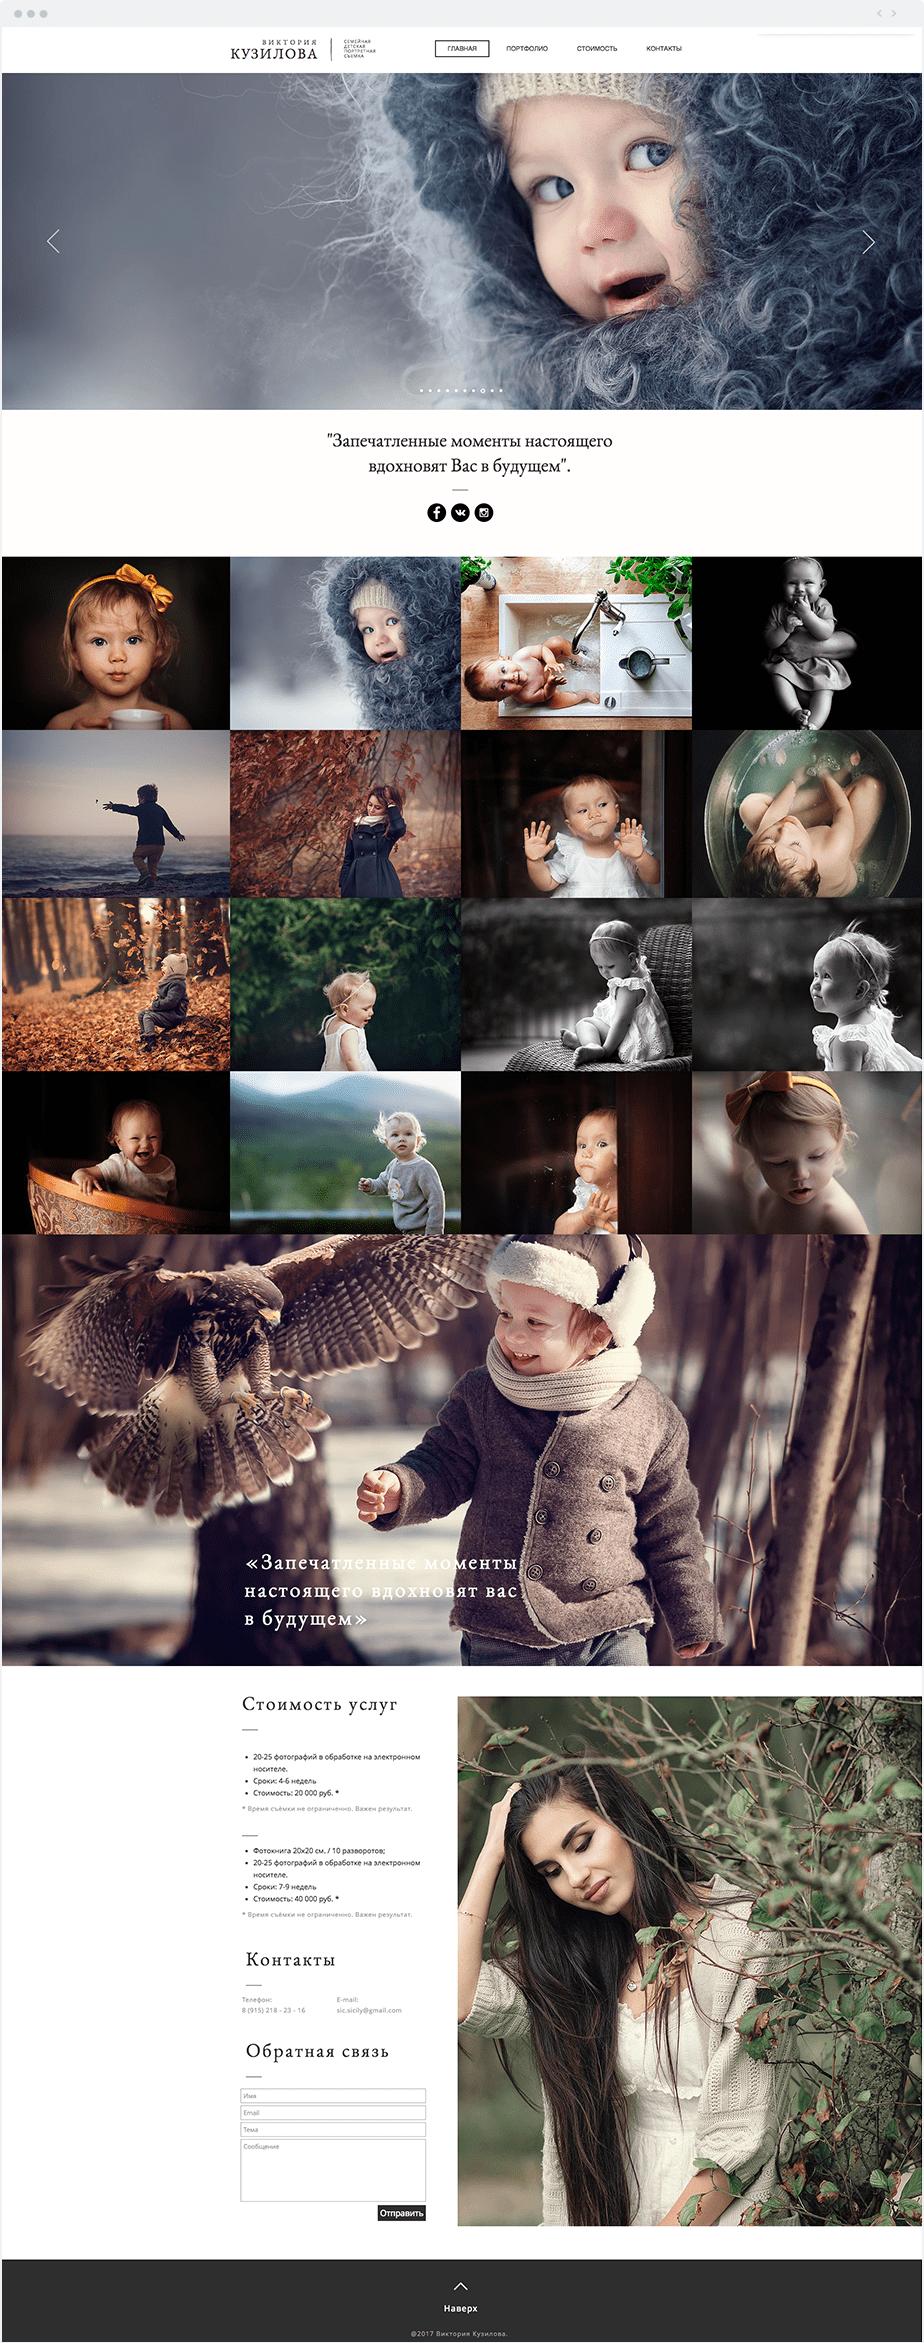 Stunning Wix online portfolio by newborn and baby photographer Kuzilova